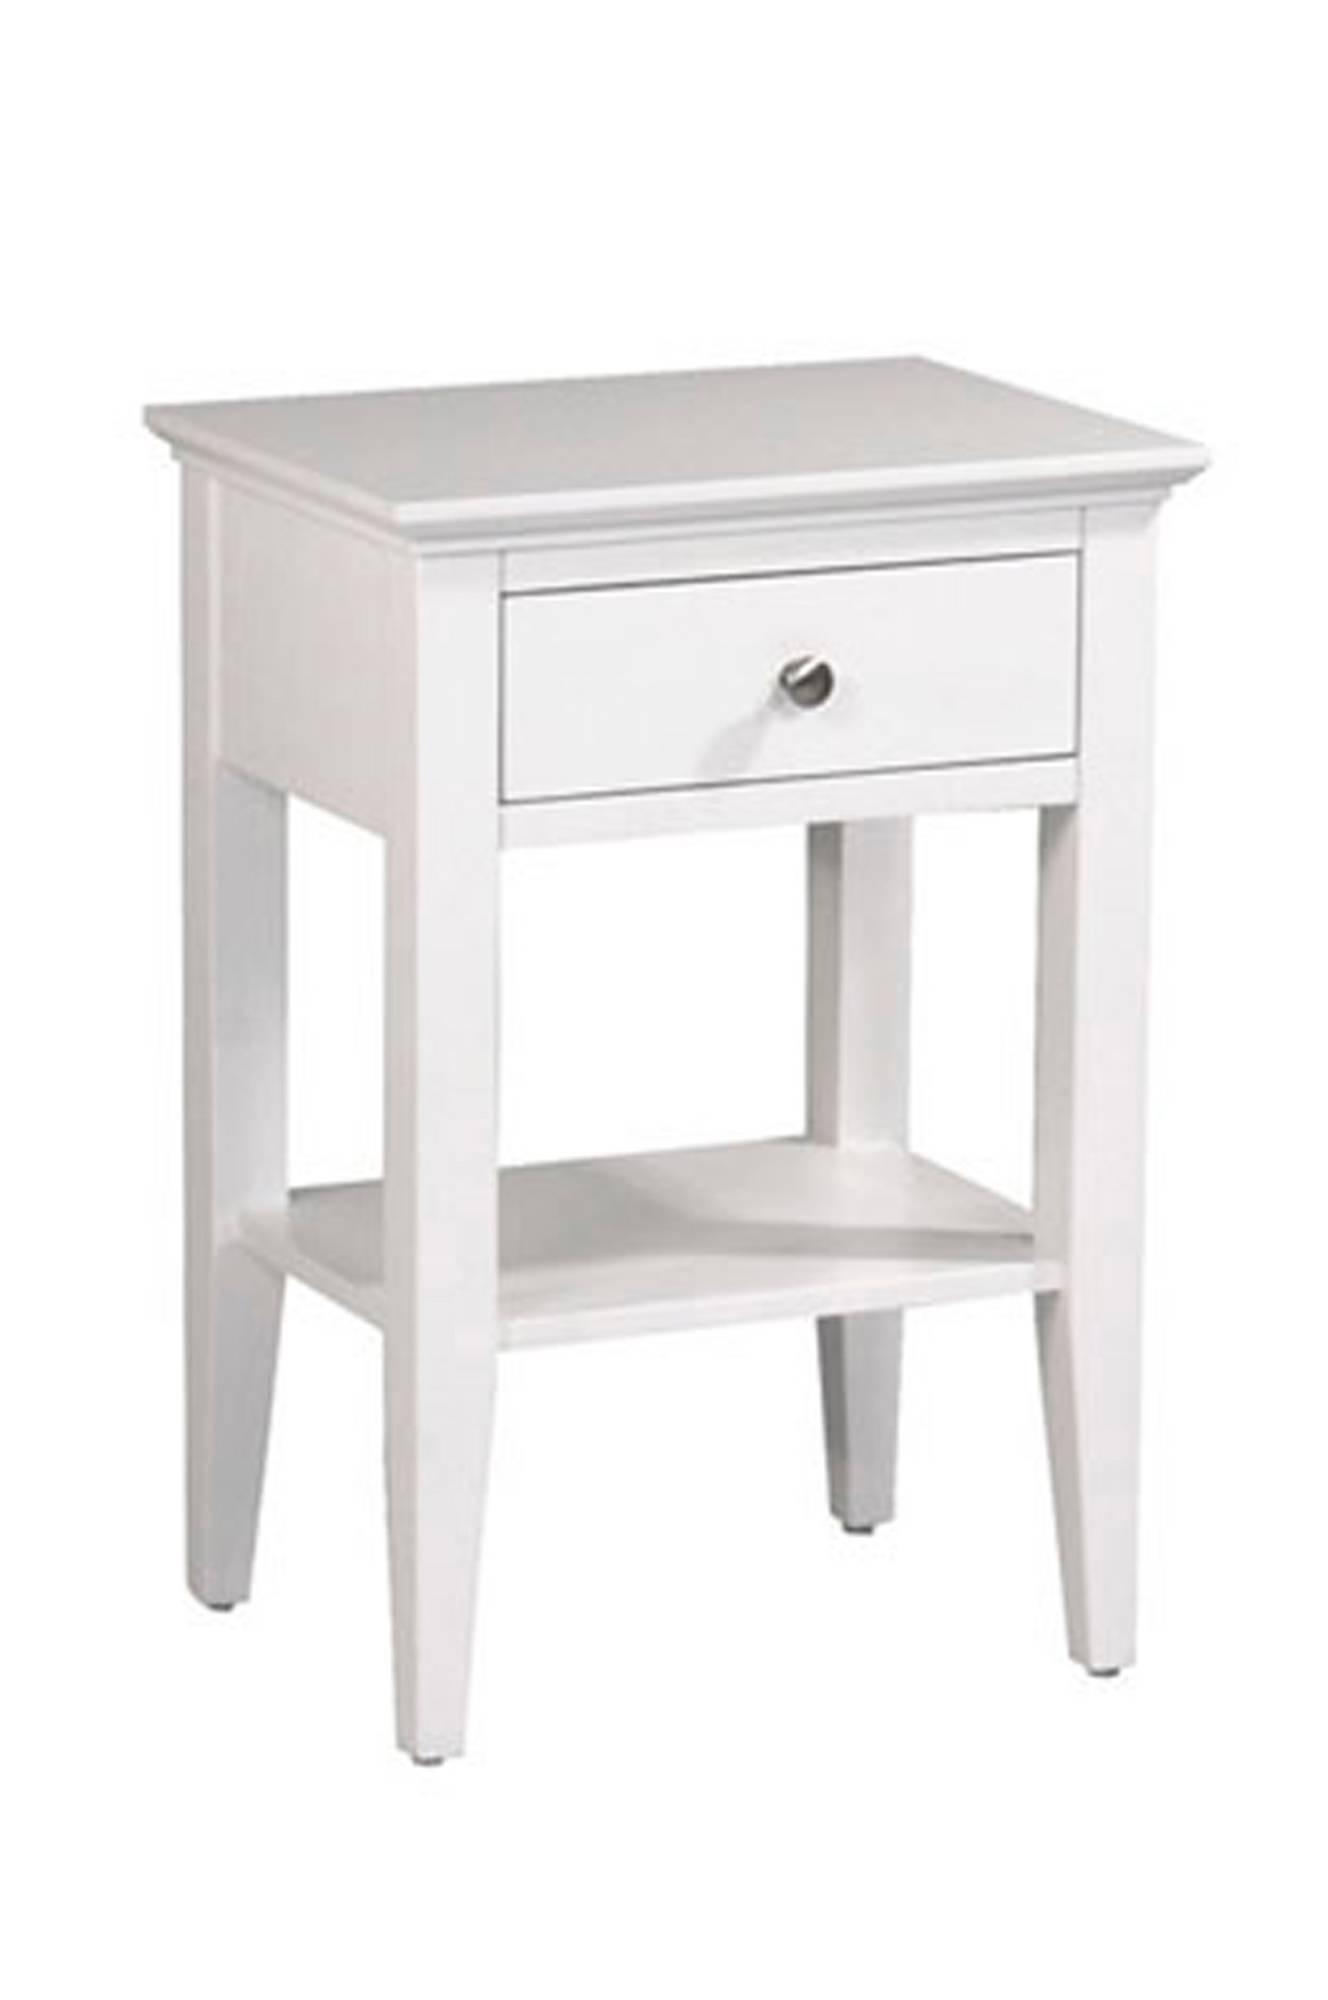 Linnea-yöpöytä, 1 laatikko